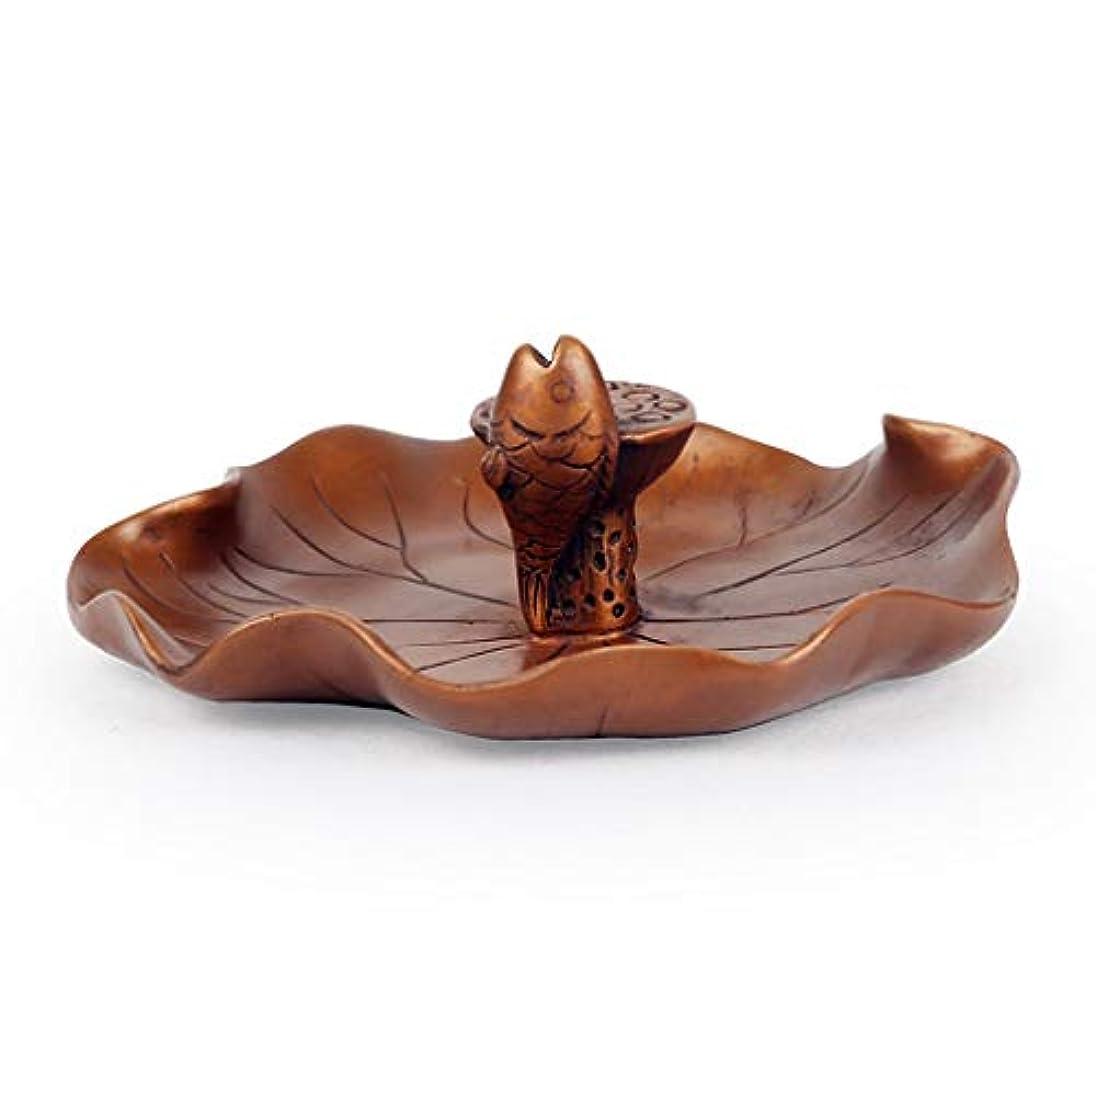 集中的な鳥致命的芳香器?アロマバーナー 還流香炉ホーム香りの良い禅禅ラッキー鑑賞新しいクリエイティブアガーウッド香バーナー装飾 アロマバーナー (Color : Brass)